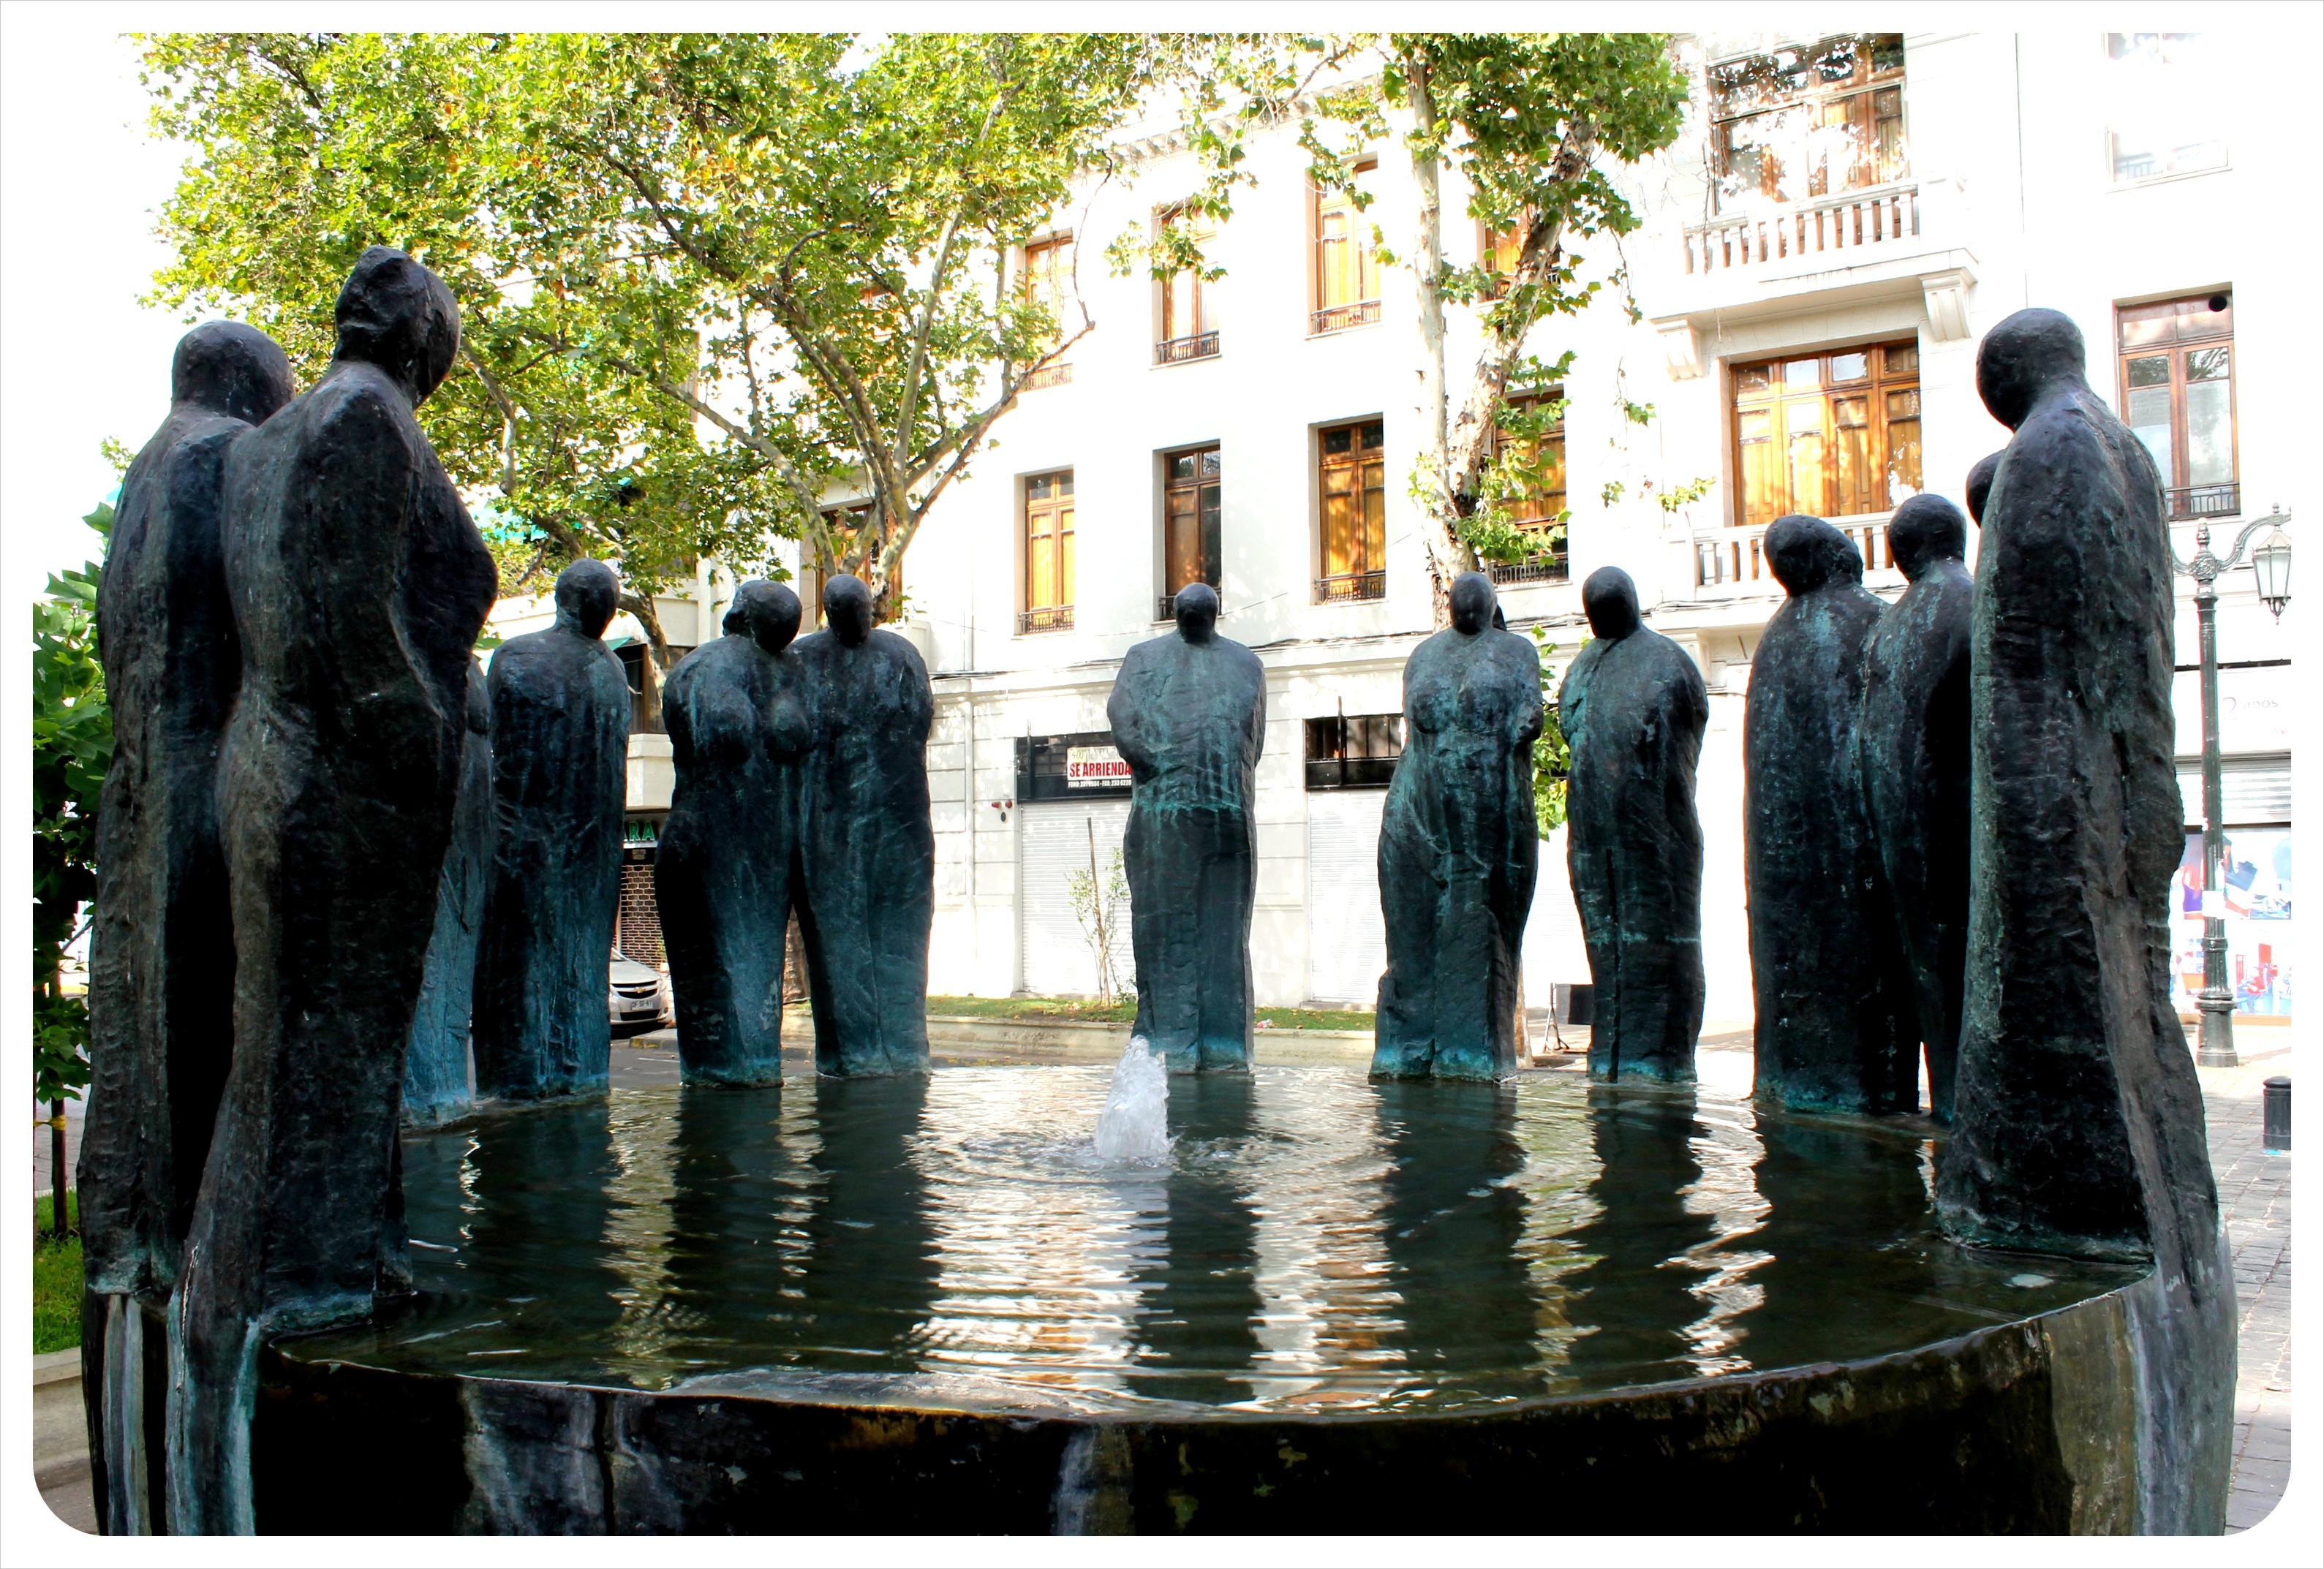 santiago fountain